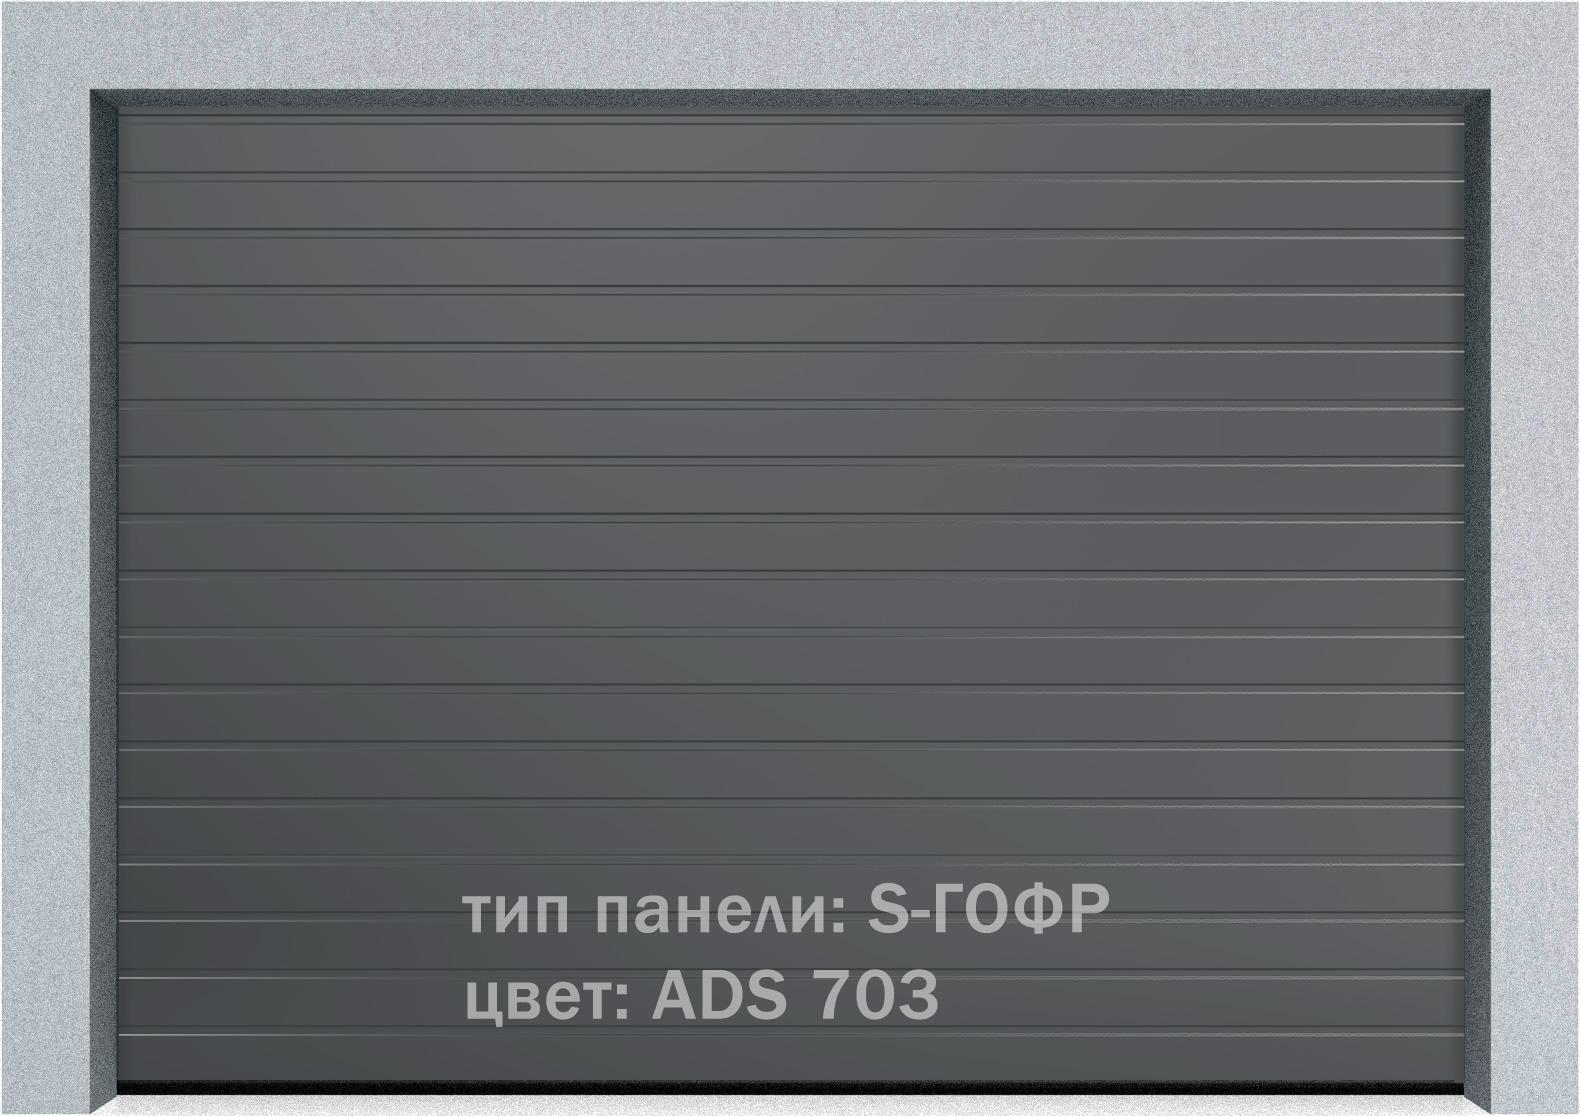 Секционные промышленные ворота Alutech ProTrend 2375х2375 S-гофр, Микроволна стандартные цвета, фото 10